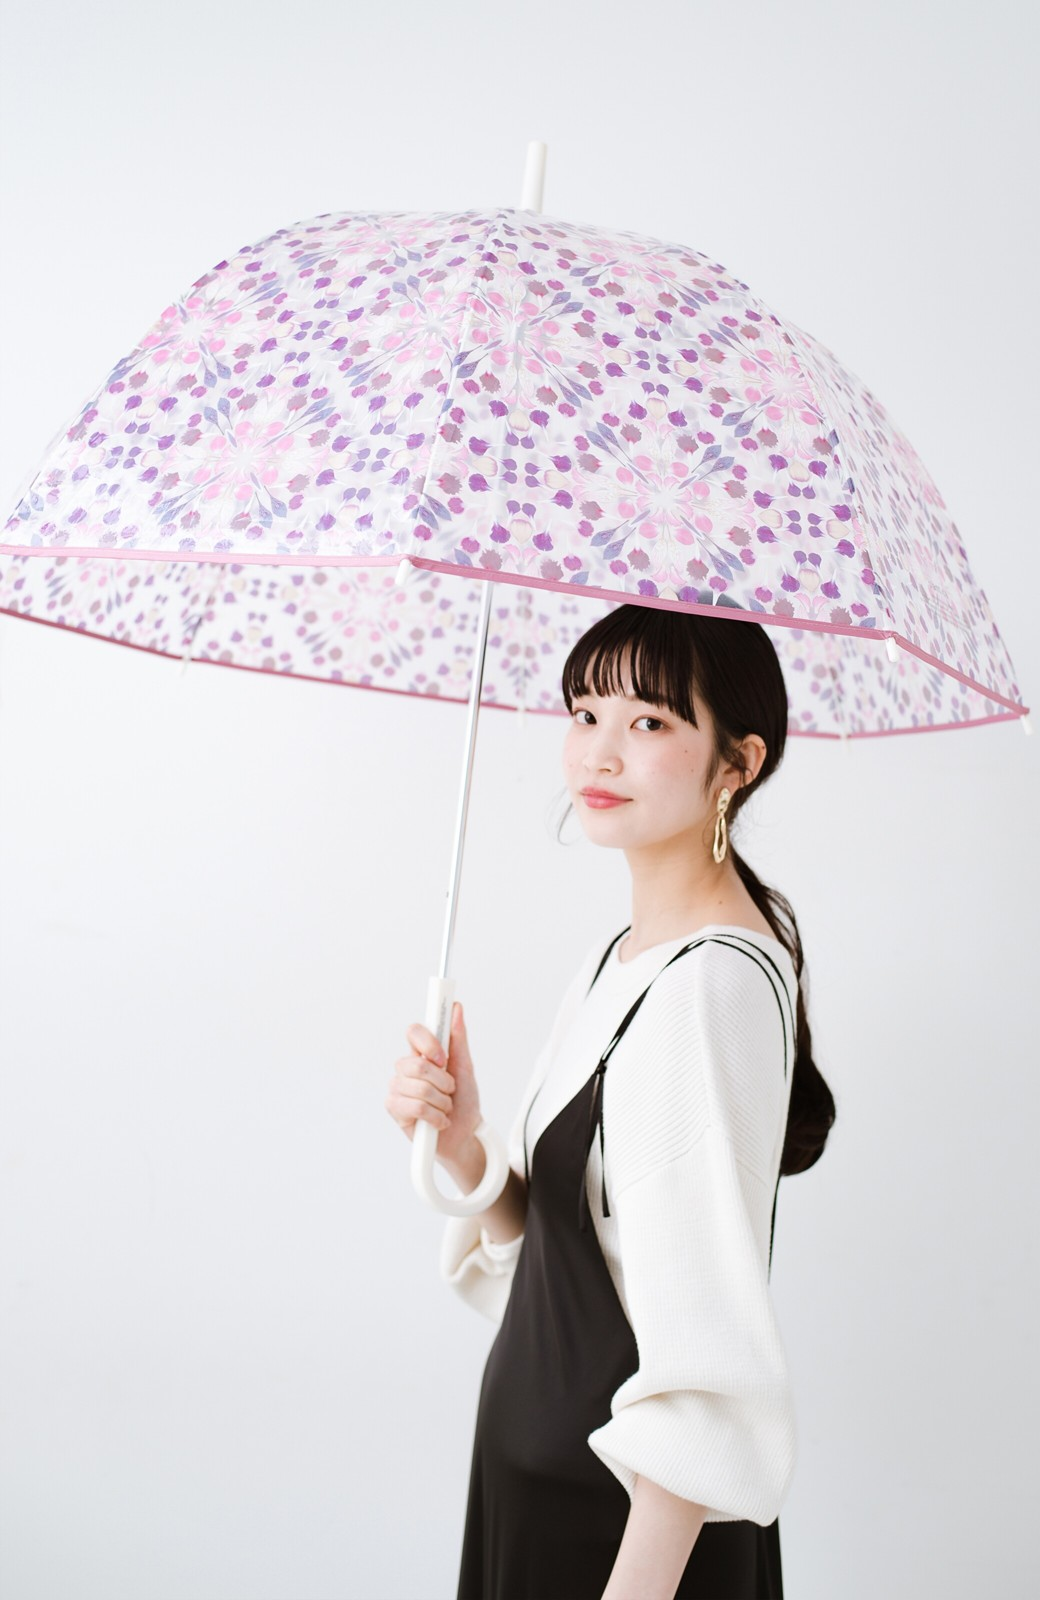 haco! Wpc.×plantica ドーム型がかわいい プラスティックアンブレラ フラワー <ピンク>の商品写真1